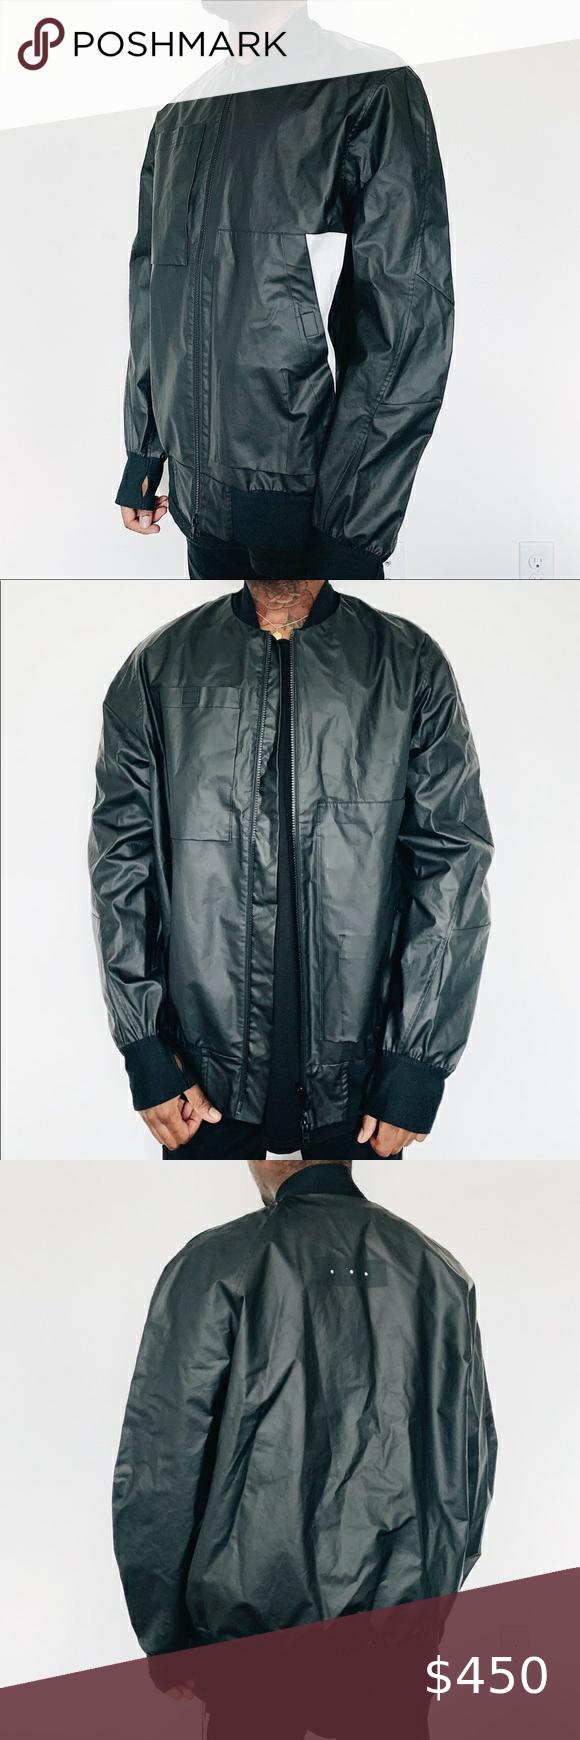 Y 3 Adidas X Yohji Yamamoto Bomber Jacket Bomber Jacket Jacket Brands Jackets